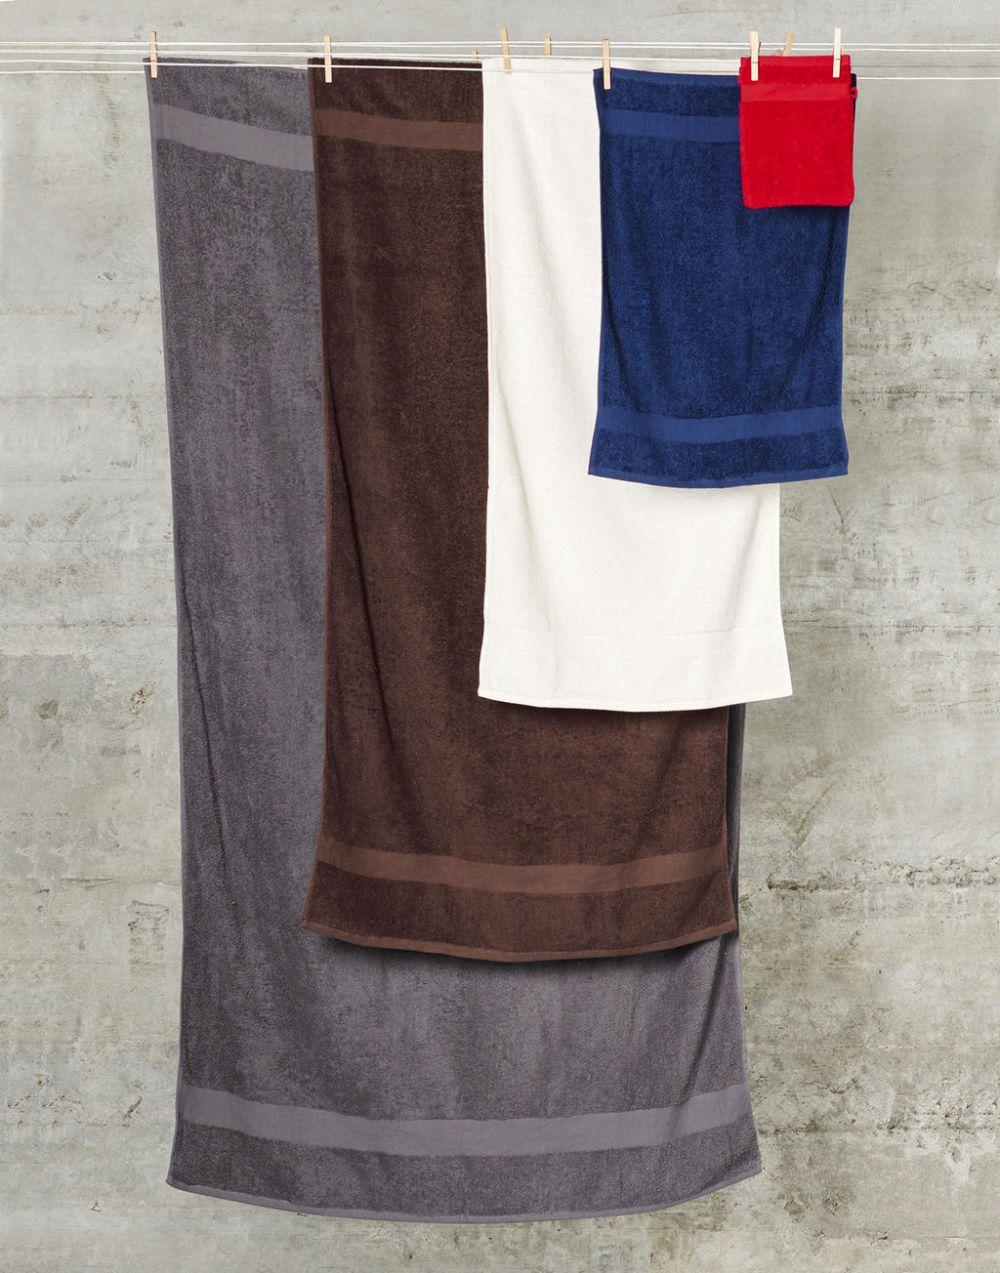 Toallas y albornoces towels by jassz de baño grande seine 100x180 cm para personalizar vista 1